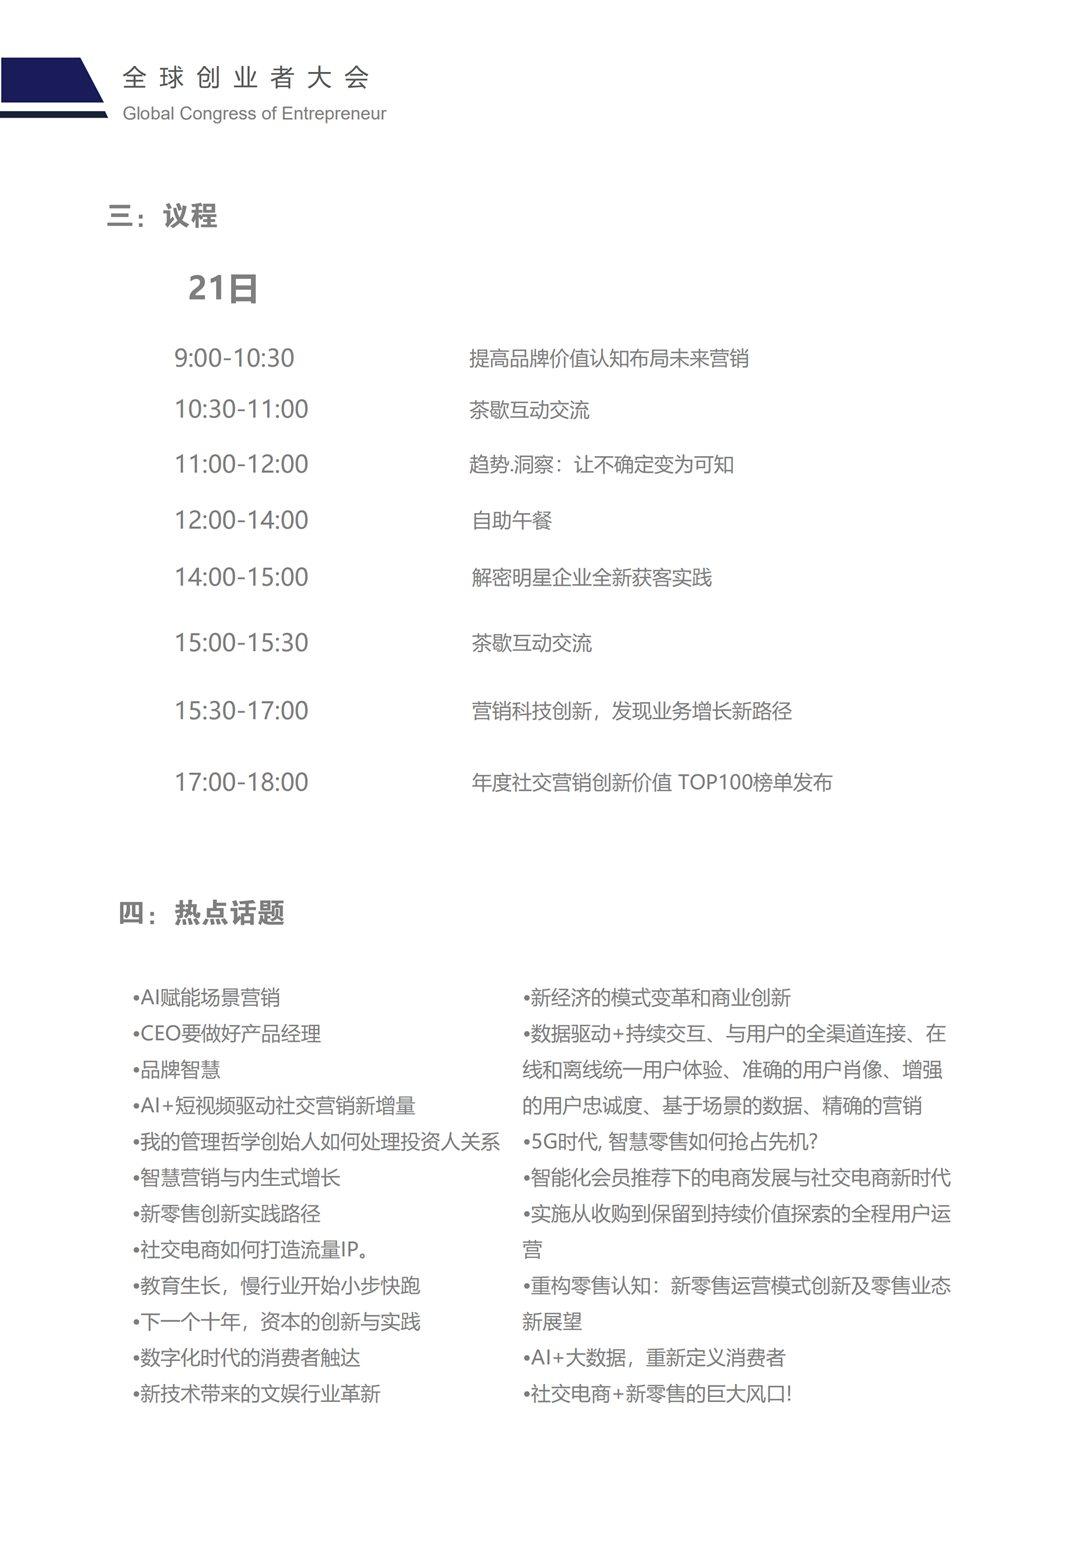 全球创新者大会-社交电商营销峰会(邀请函)_10.png